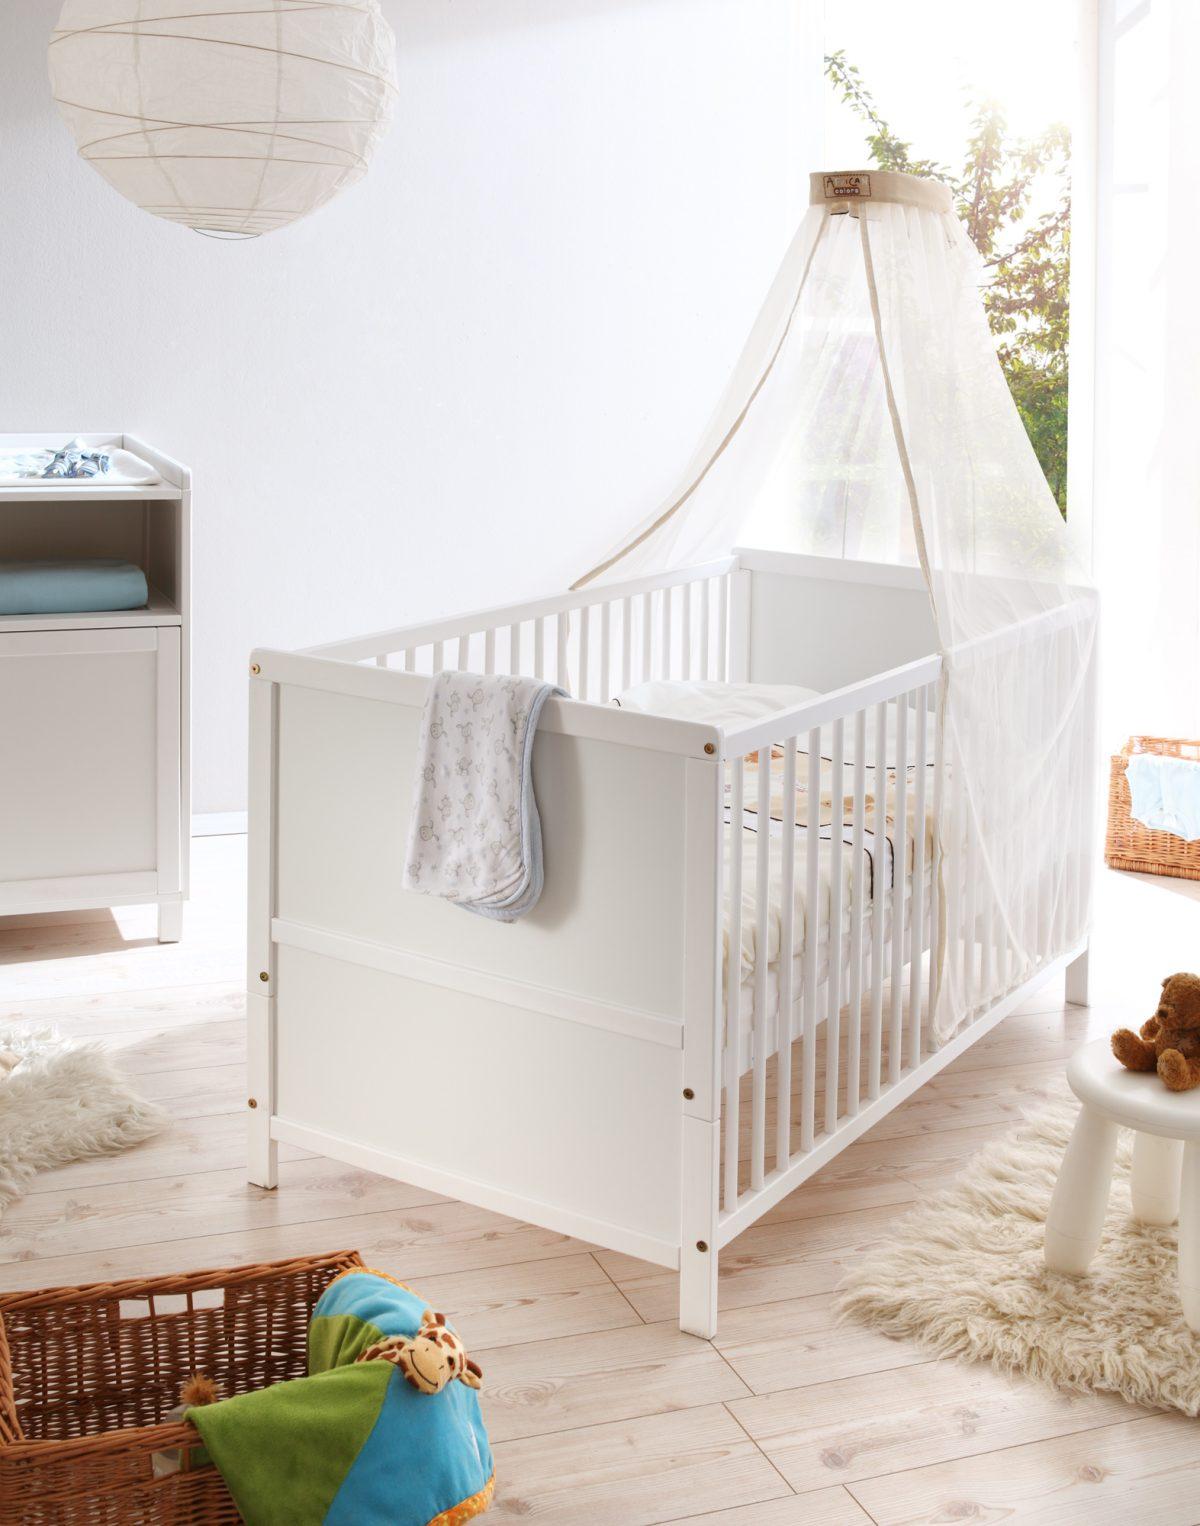 himmel babybett beste bilder namme deine shoppingwelt. Black Bedroom Furniture Sets. Home Design Ideas